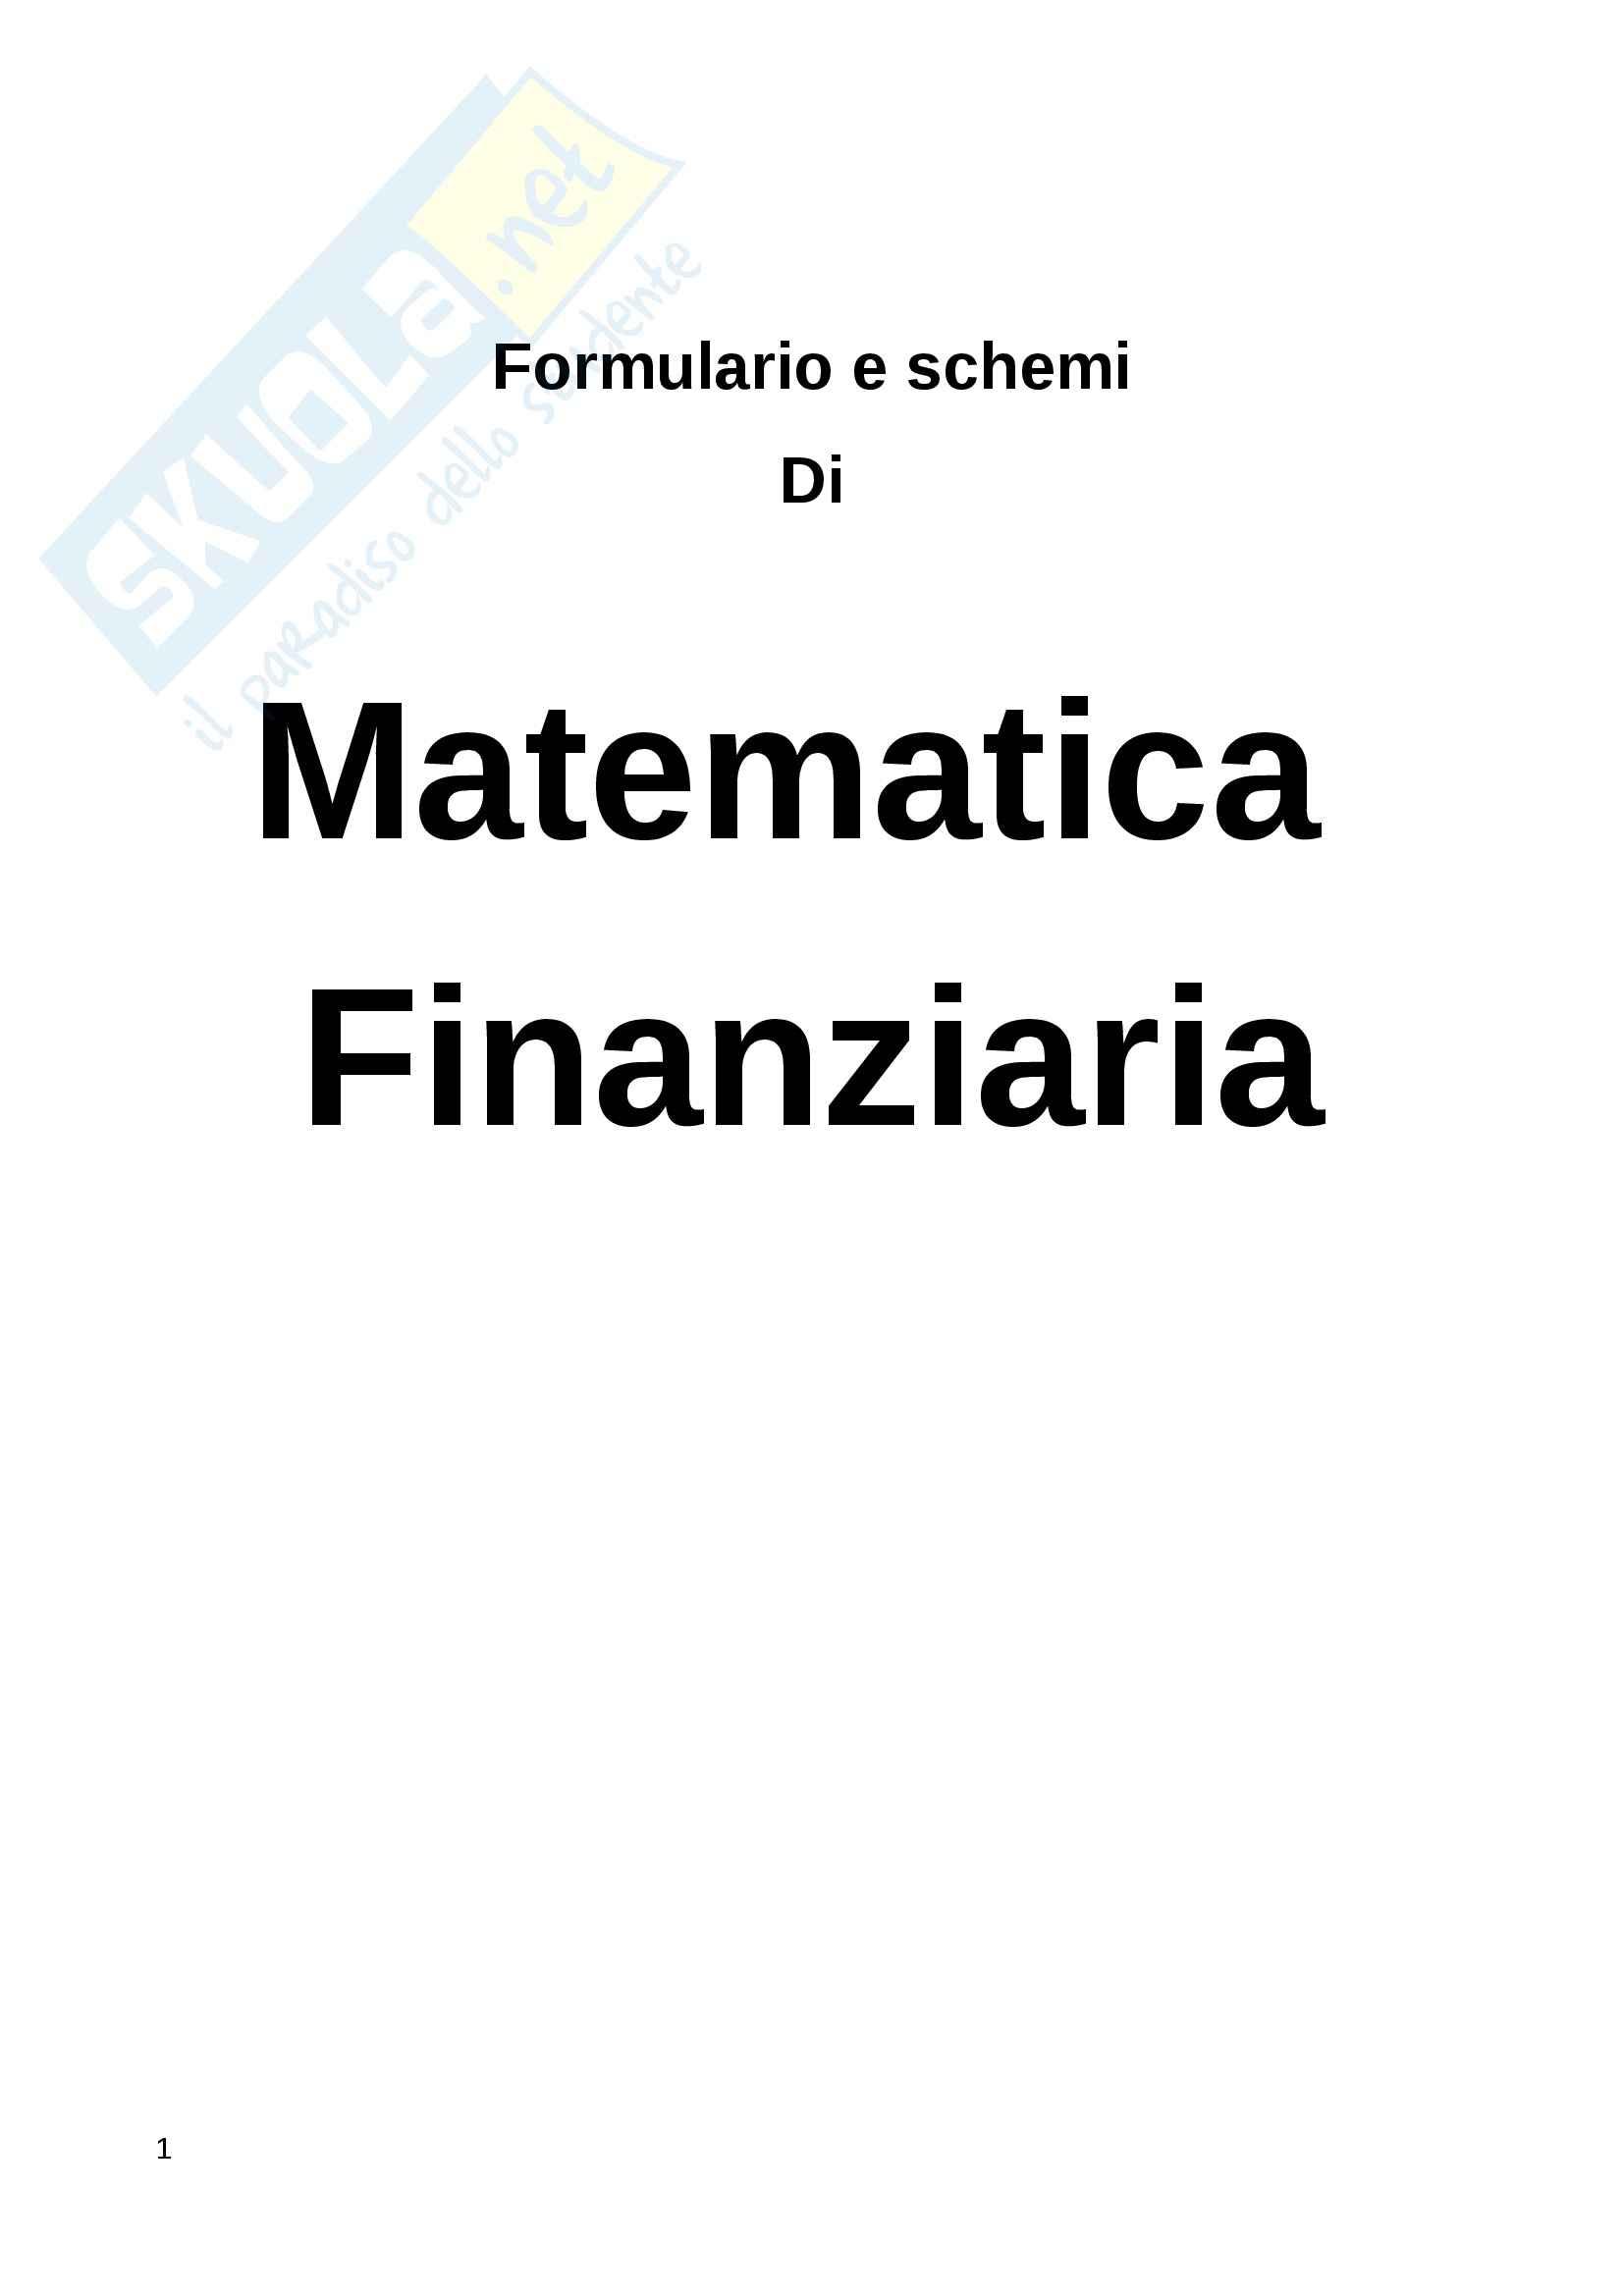 Lezioni e formulario, Matematica finanziaria